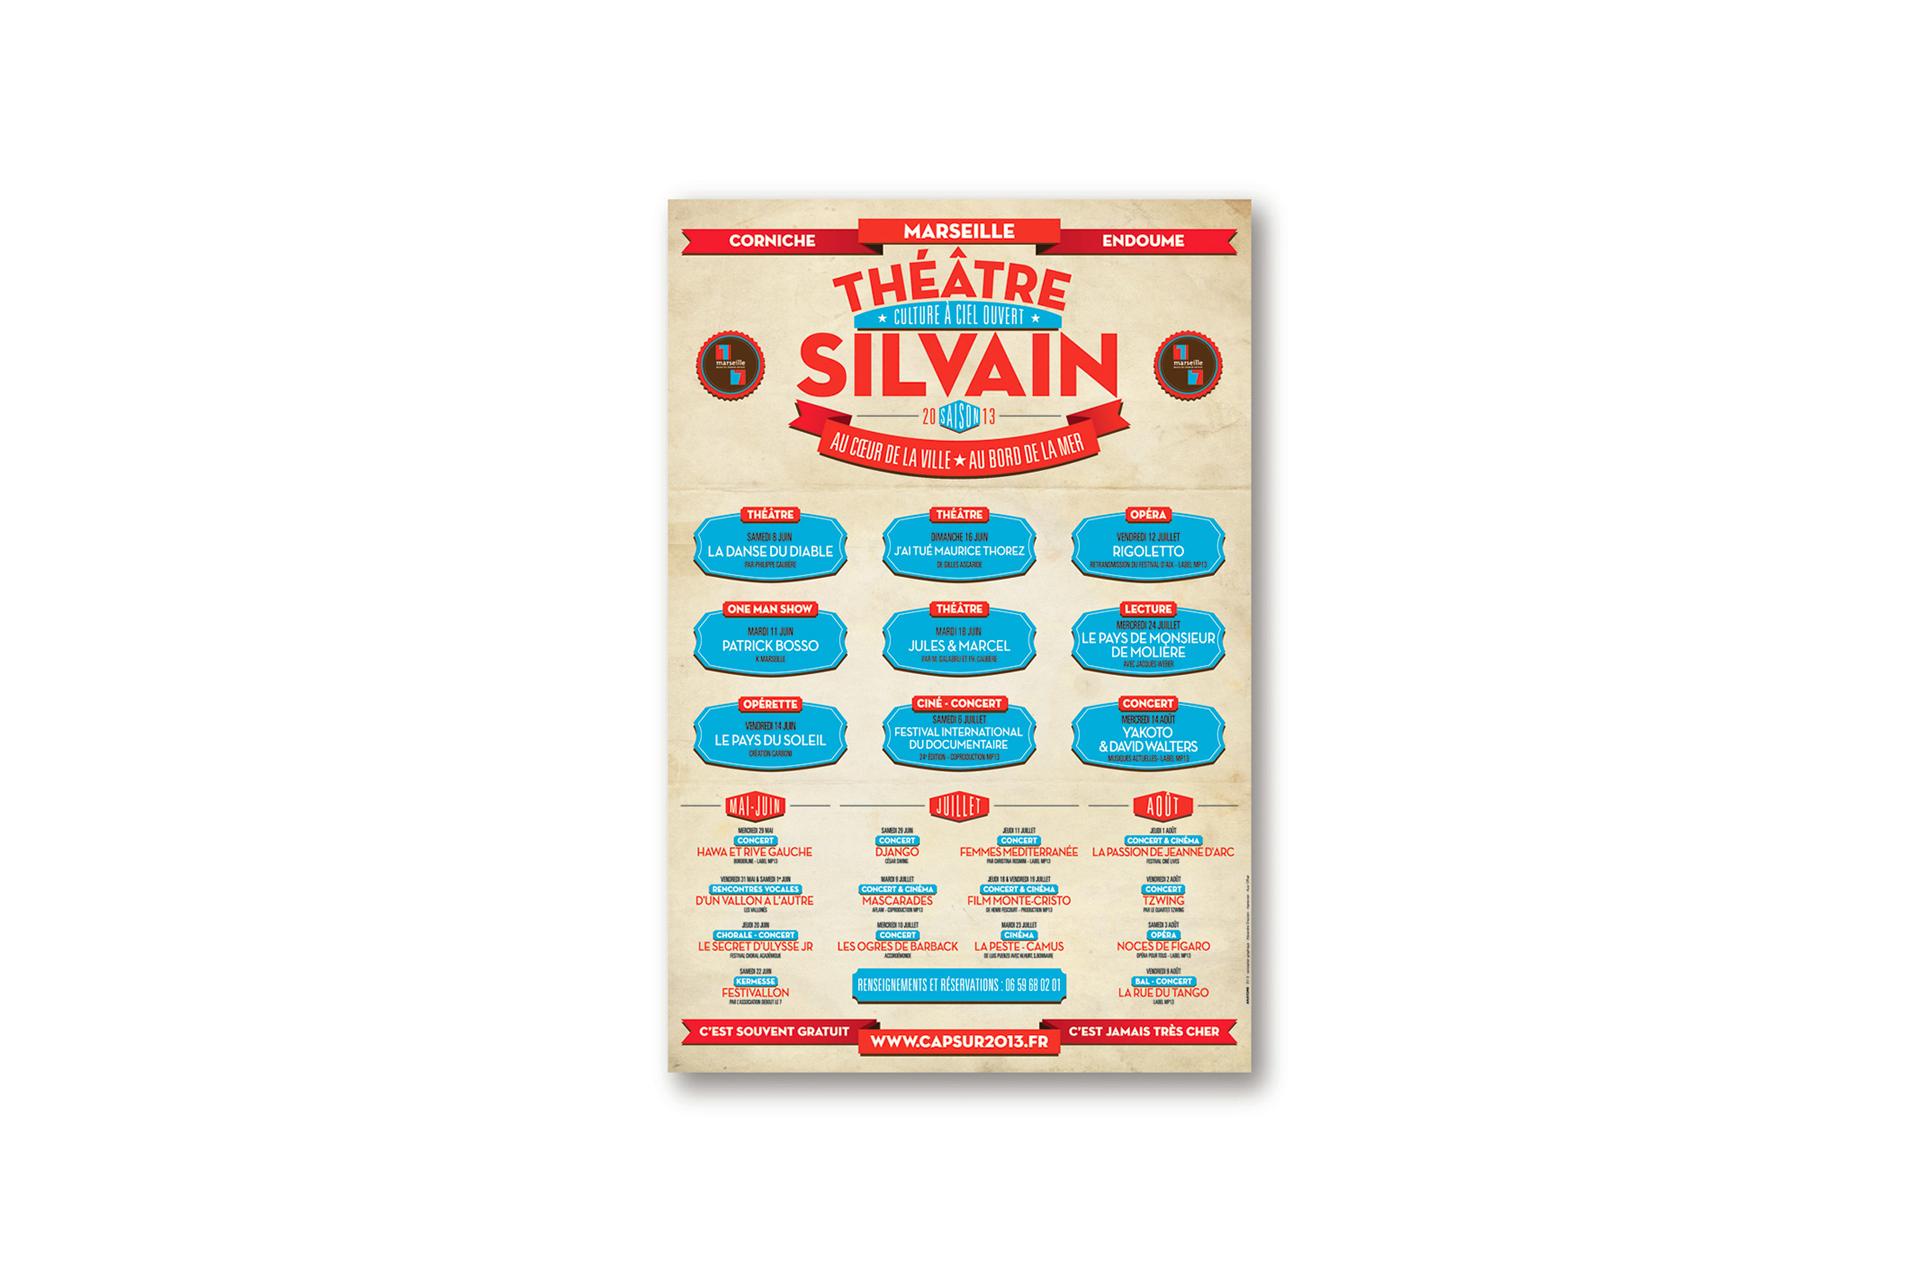 Theatre-silvain-2013-120x176 copie